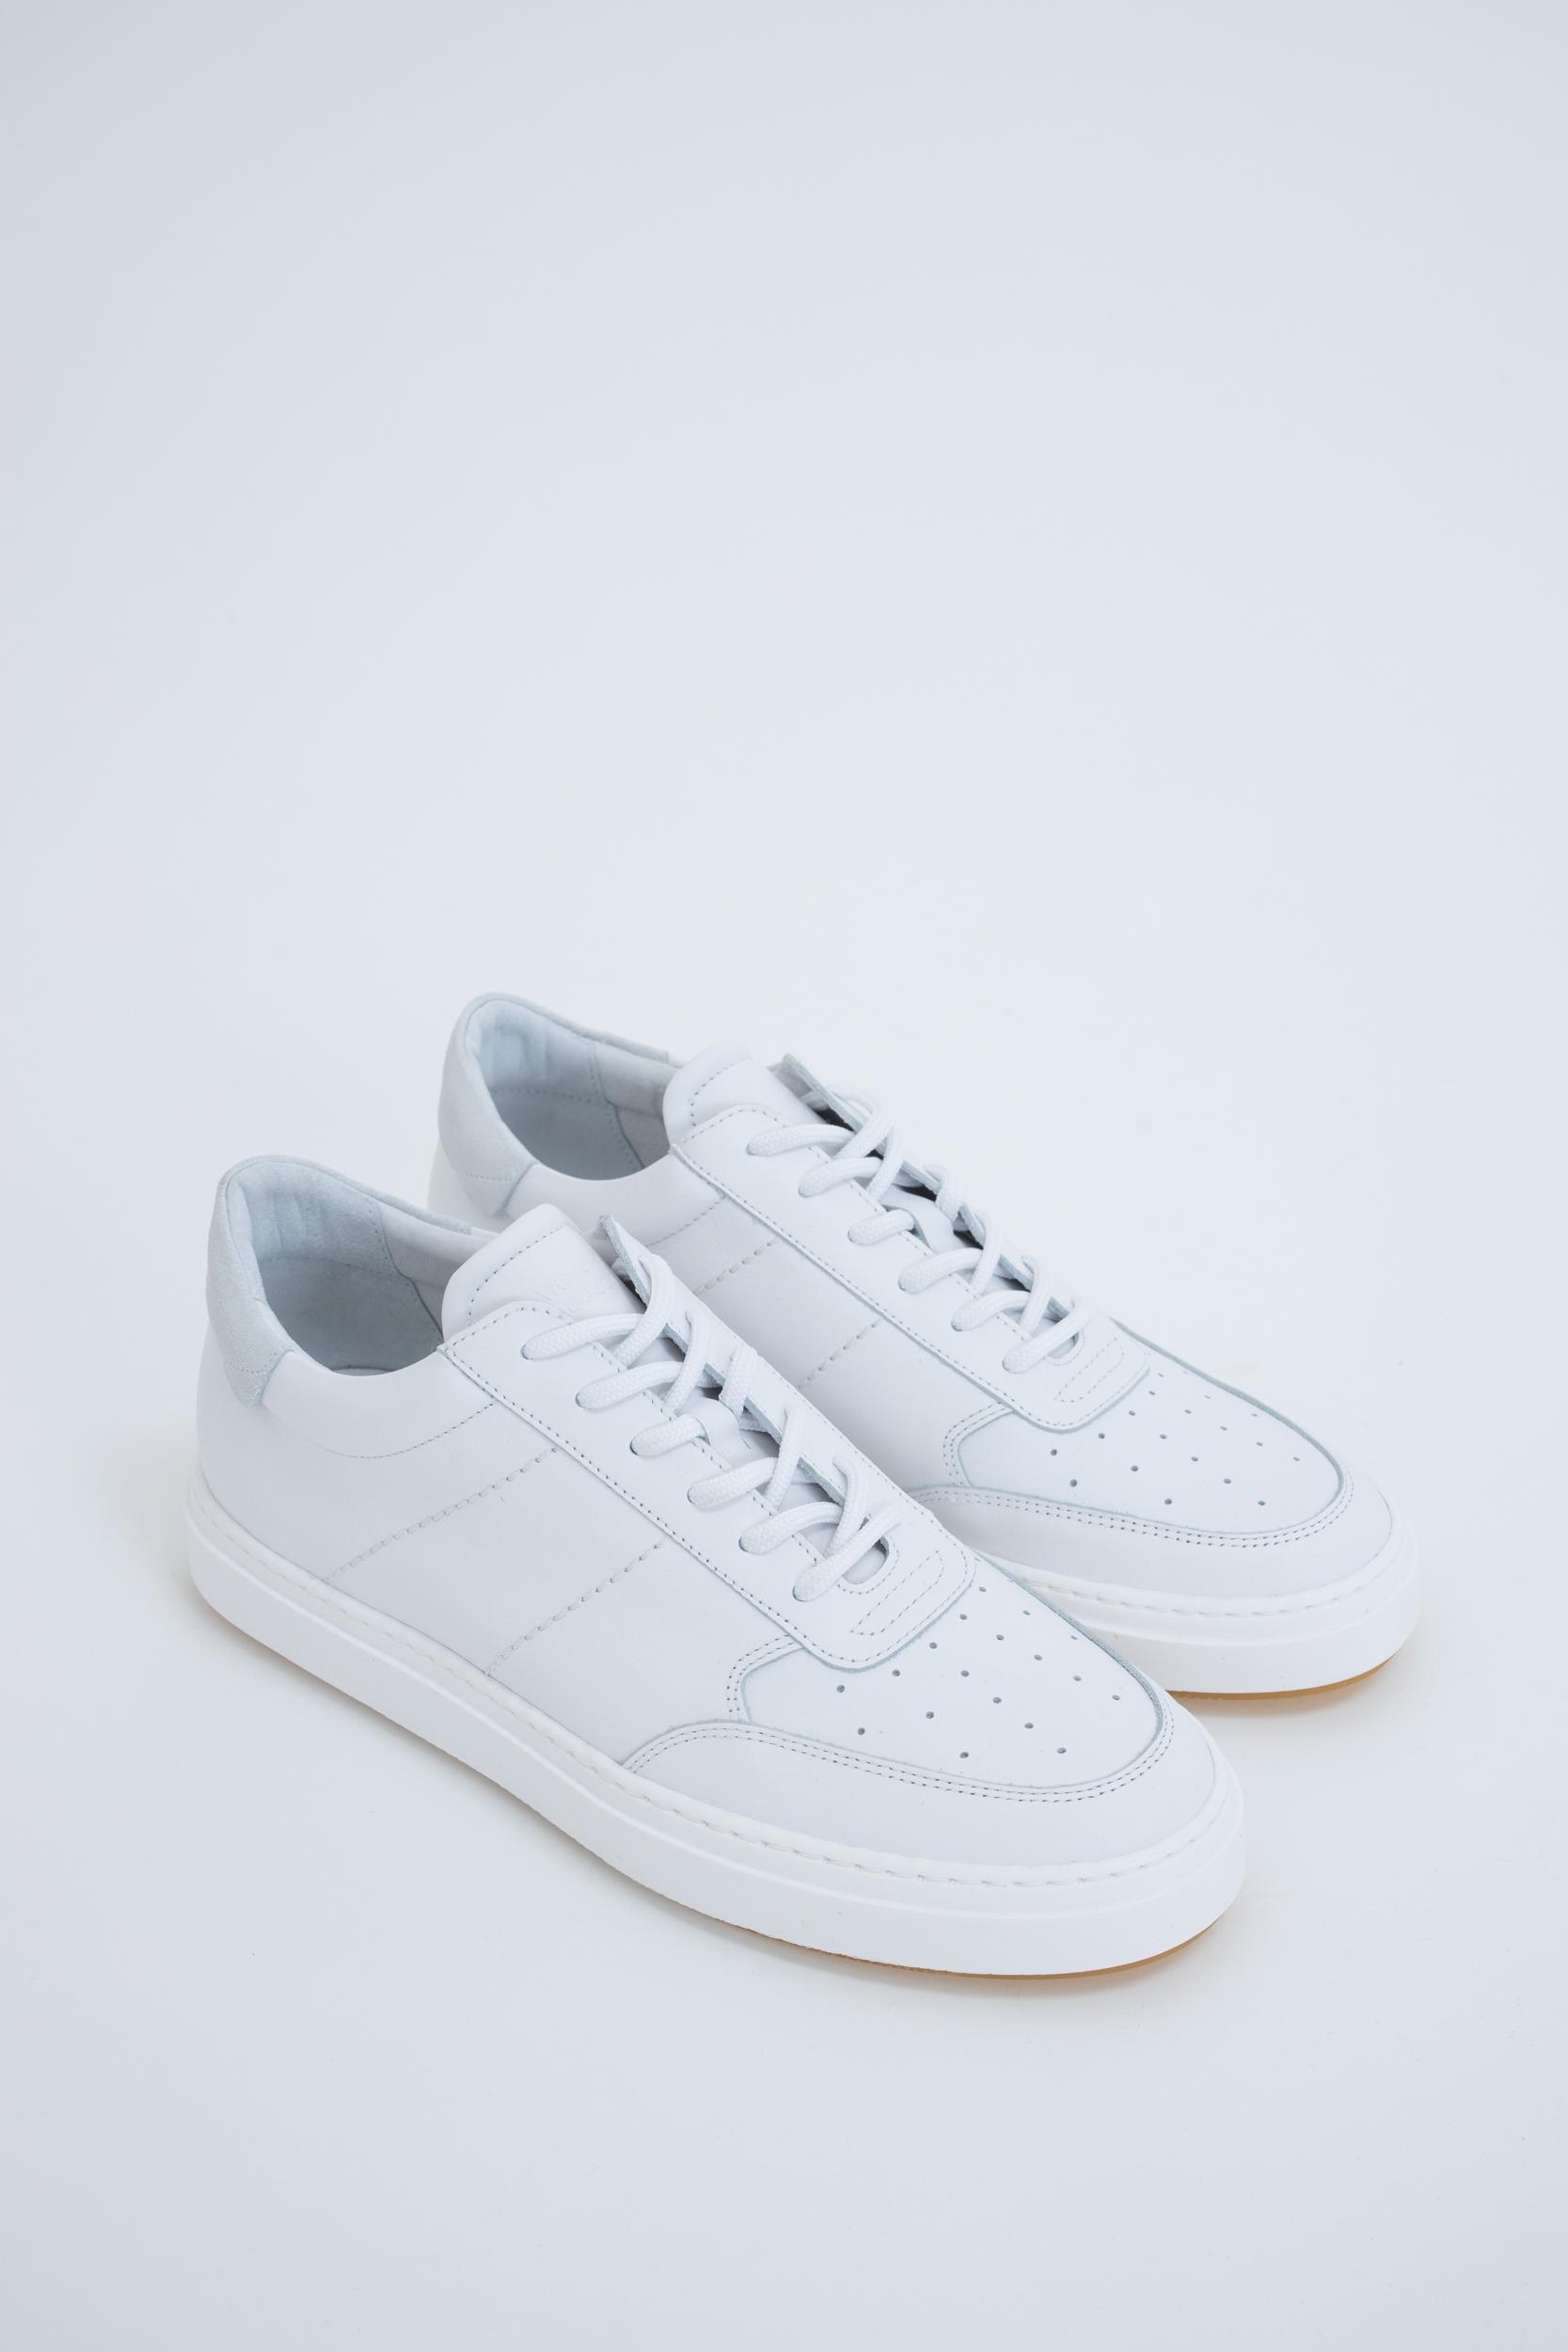 Sneaker Legend White Light Gum